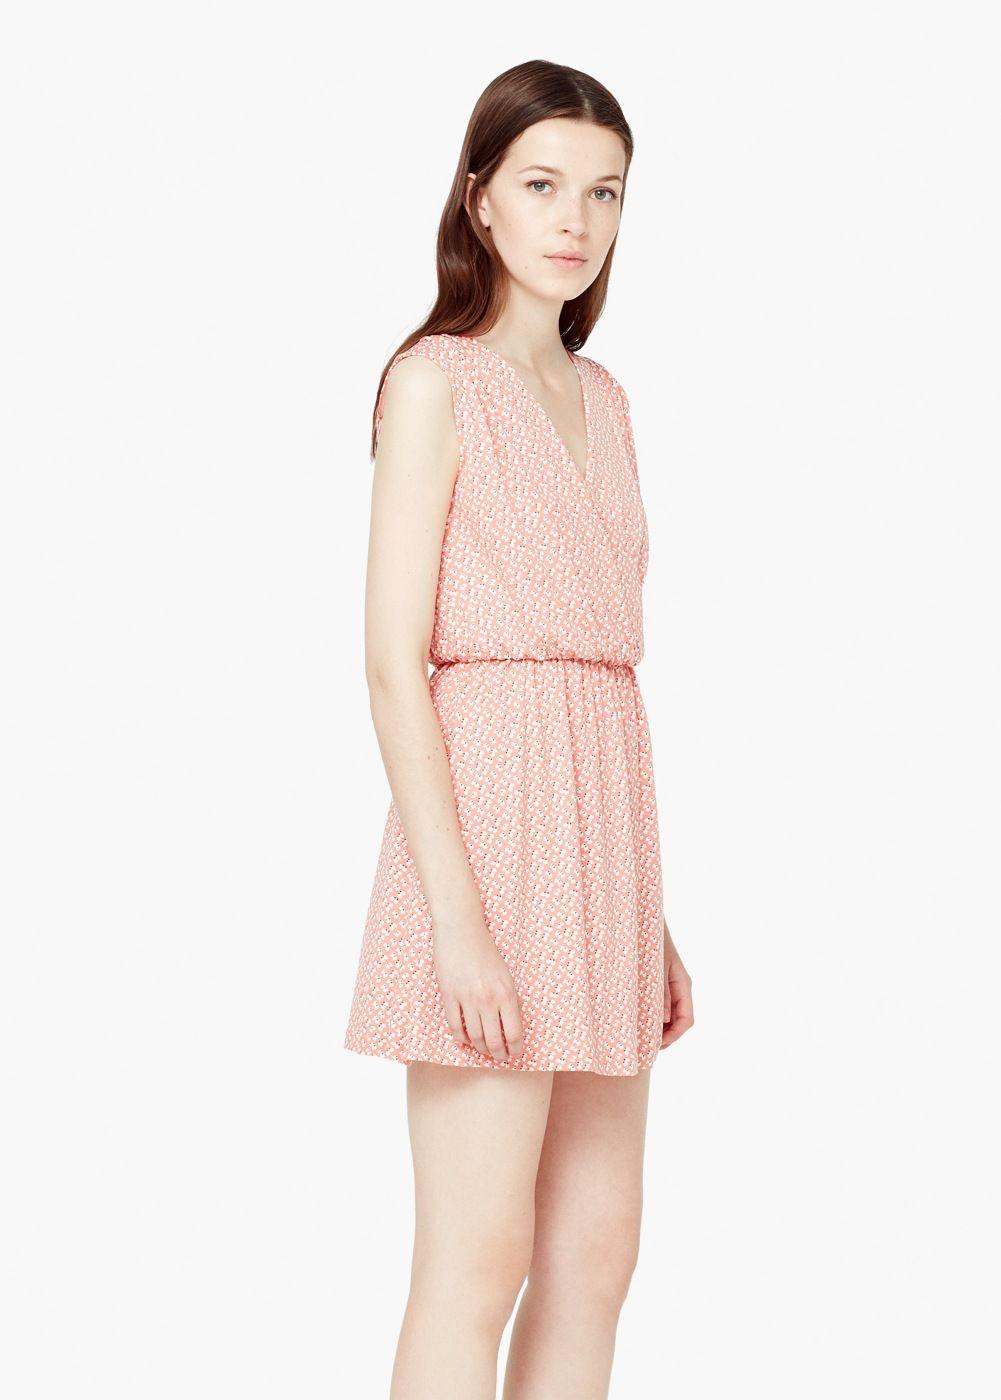 Šaty s překříženým výstřihem - Žena  2c06c681412